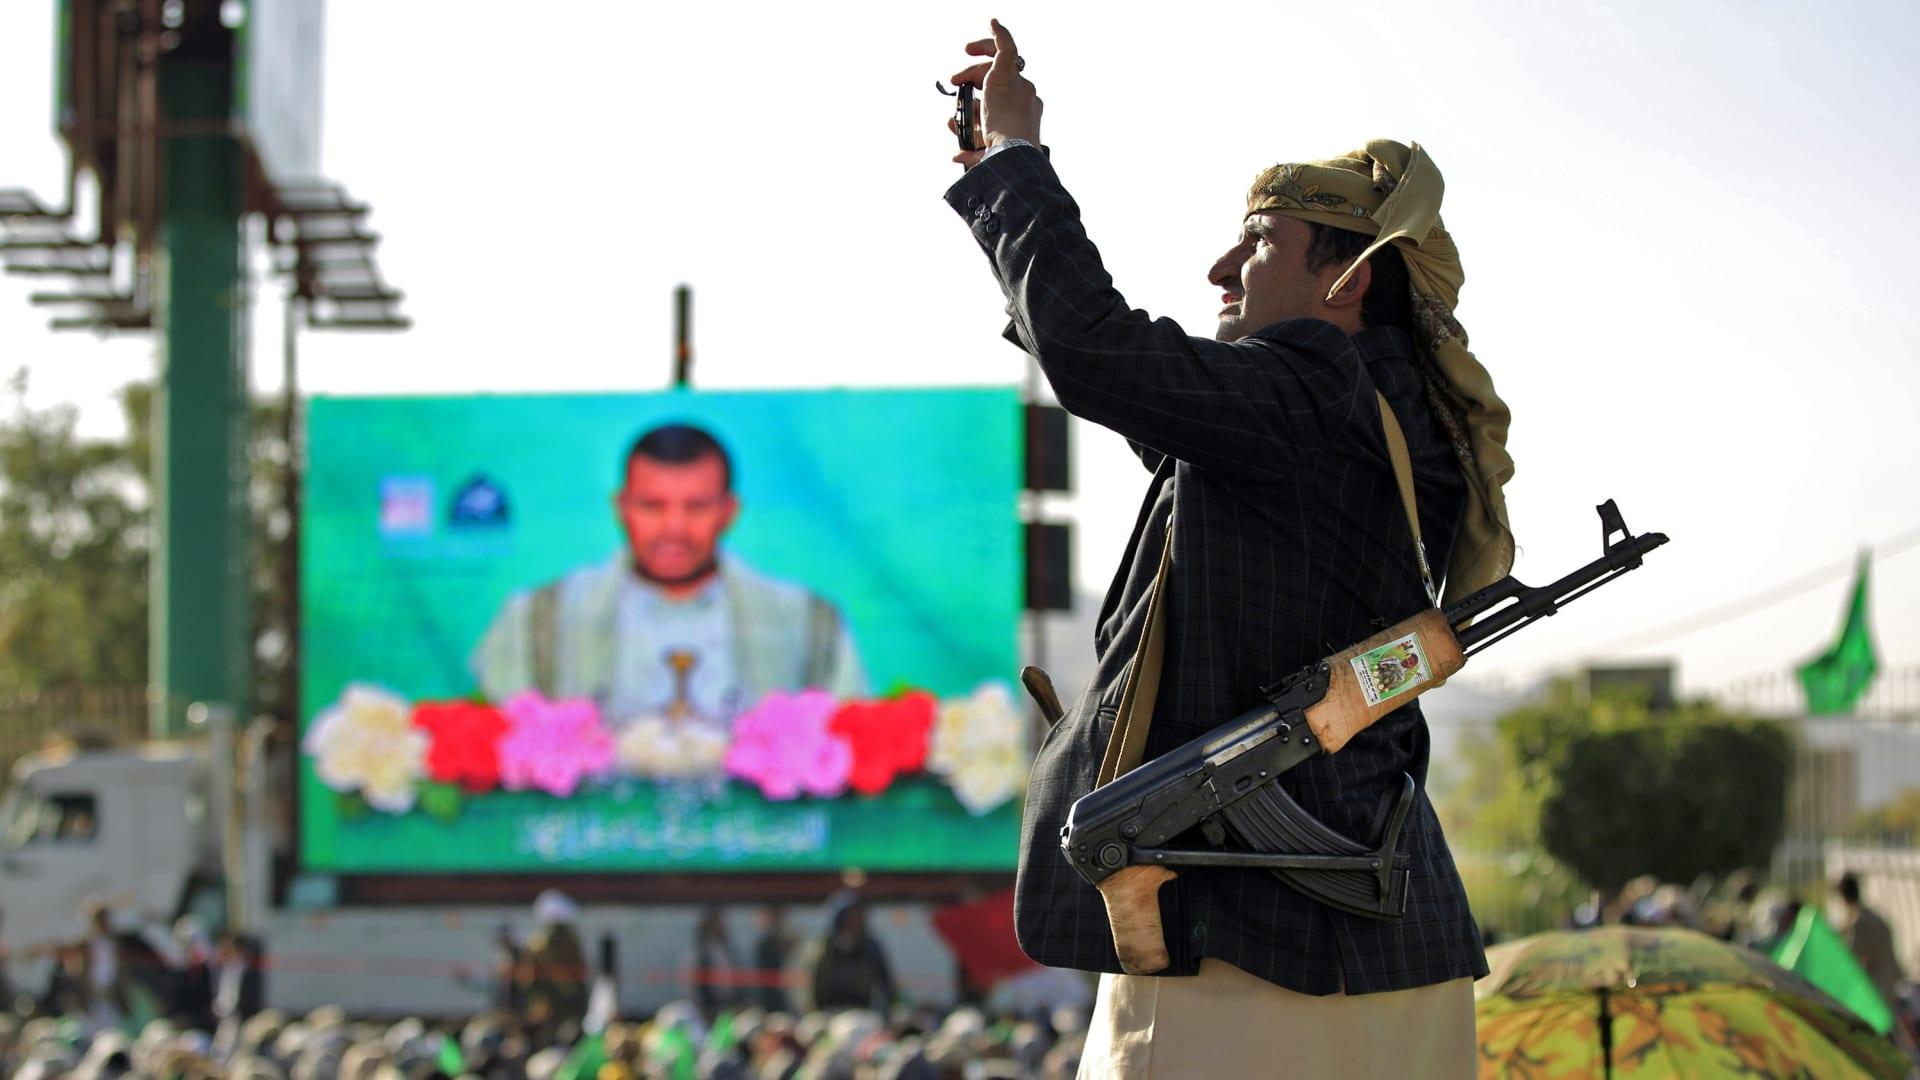 صورة ارشيفية لعنصر بجماعة الحوثي خلال خطاب لزعيم الجماعة عبدالملك الحوثي